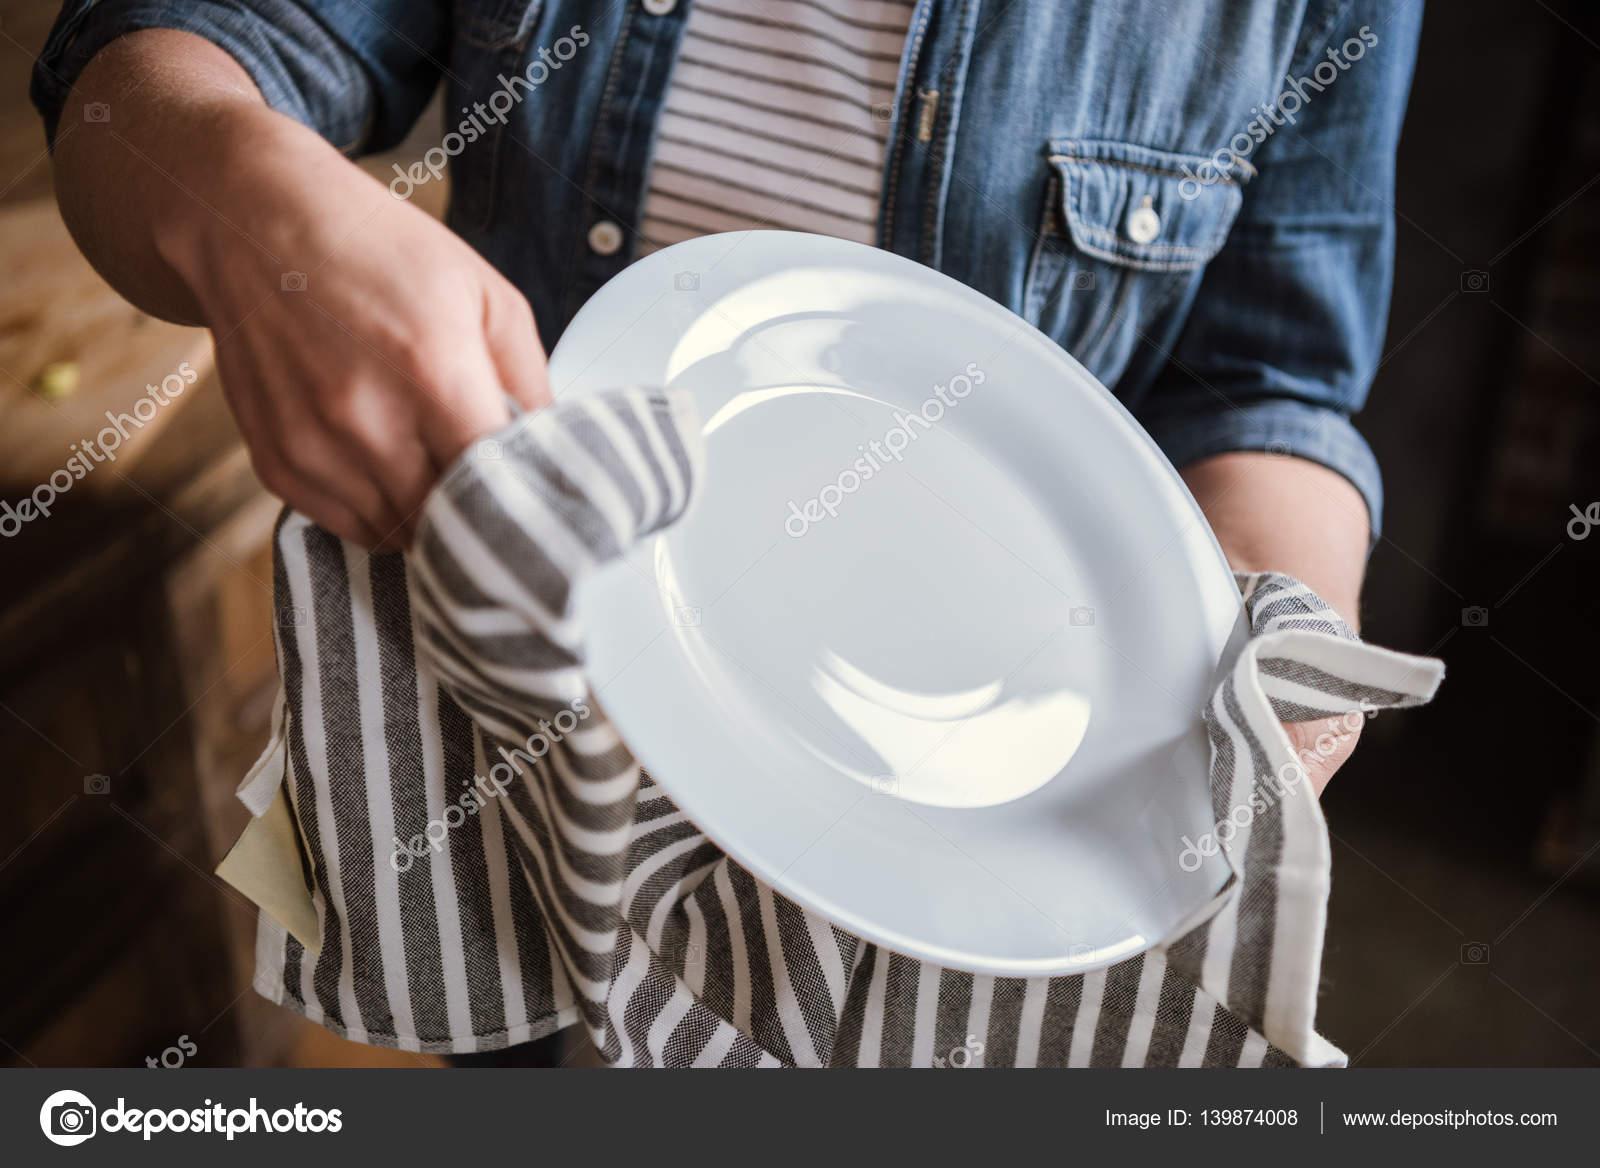 Zmywanie naczyń, czarna suszarka do naczyń - Zdjęcia stockowe czy pralko  suszarka jest dobra, obrazy i fotografie – Depositphotos